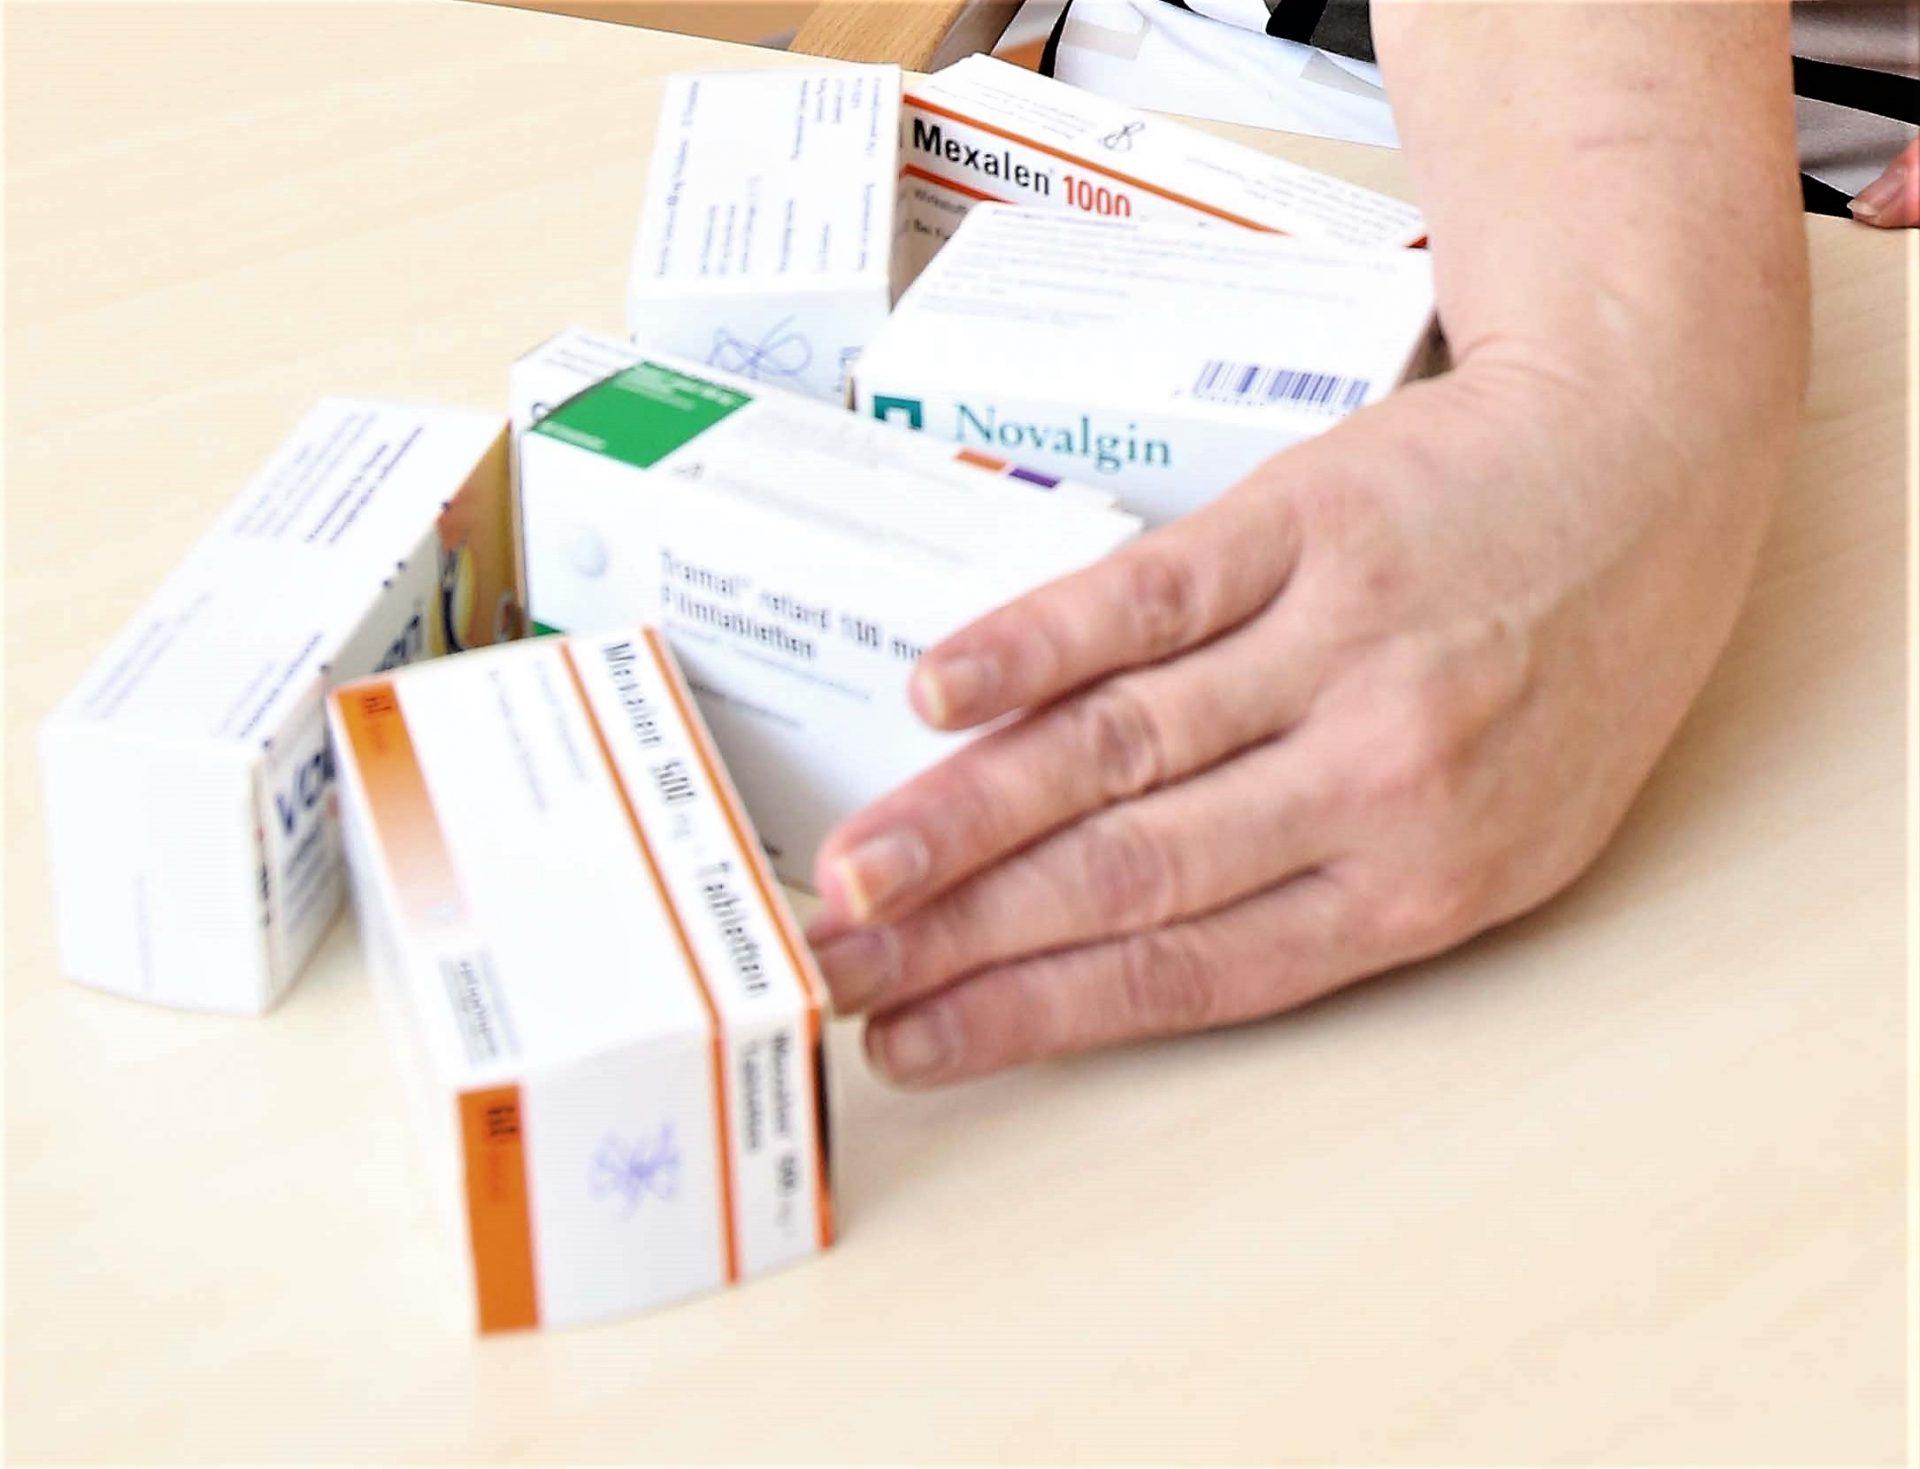 dureri la nivelul articulațiilor degetelor în timpul flexiunii cu probleme articulare